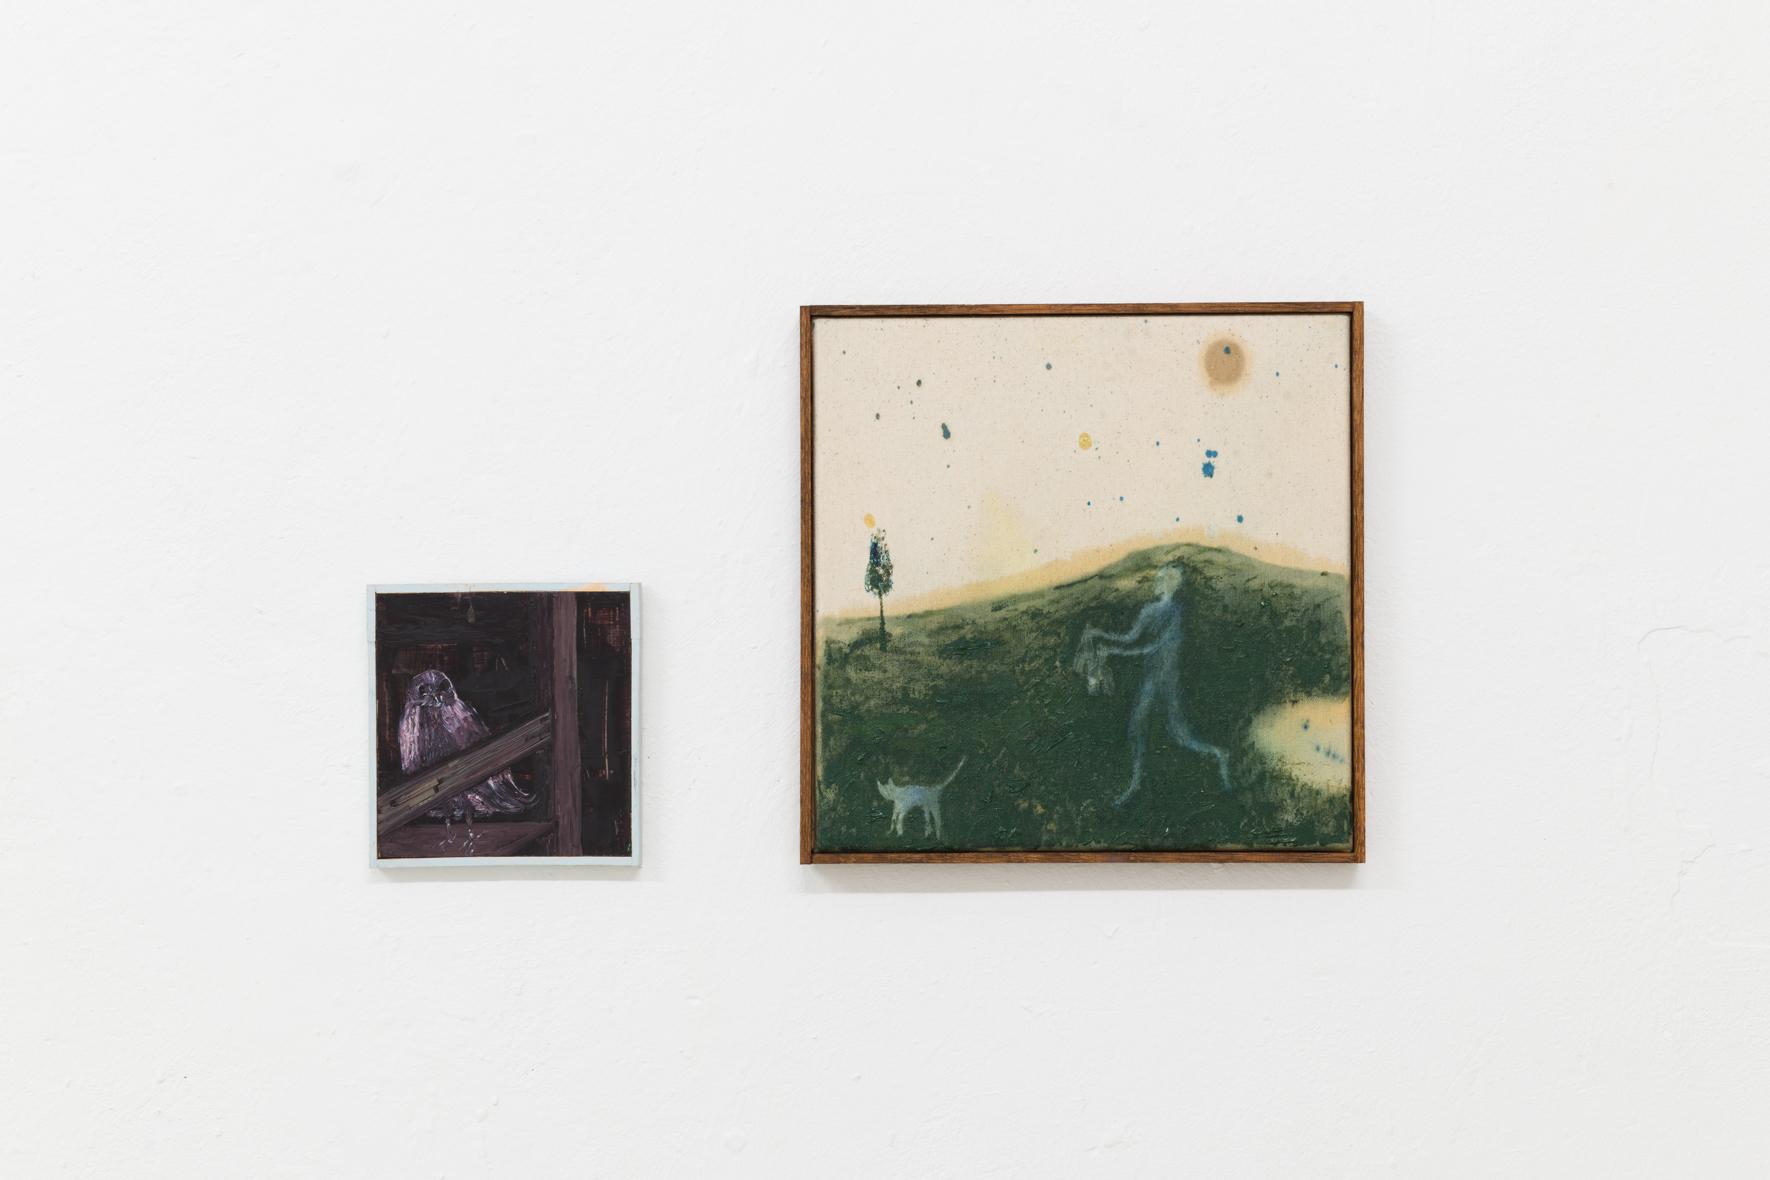 Eiko Gröschl, Traum 14.-15.5.16 (Drinnen), 2016; Eiko Gröschl, O.T. (2) (Katze, Flaschen), 2019